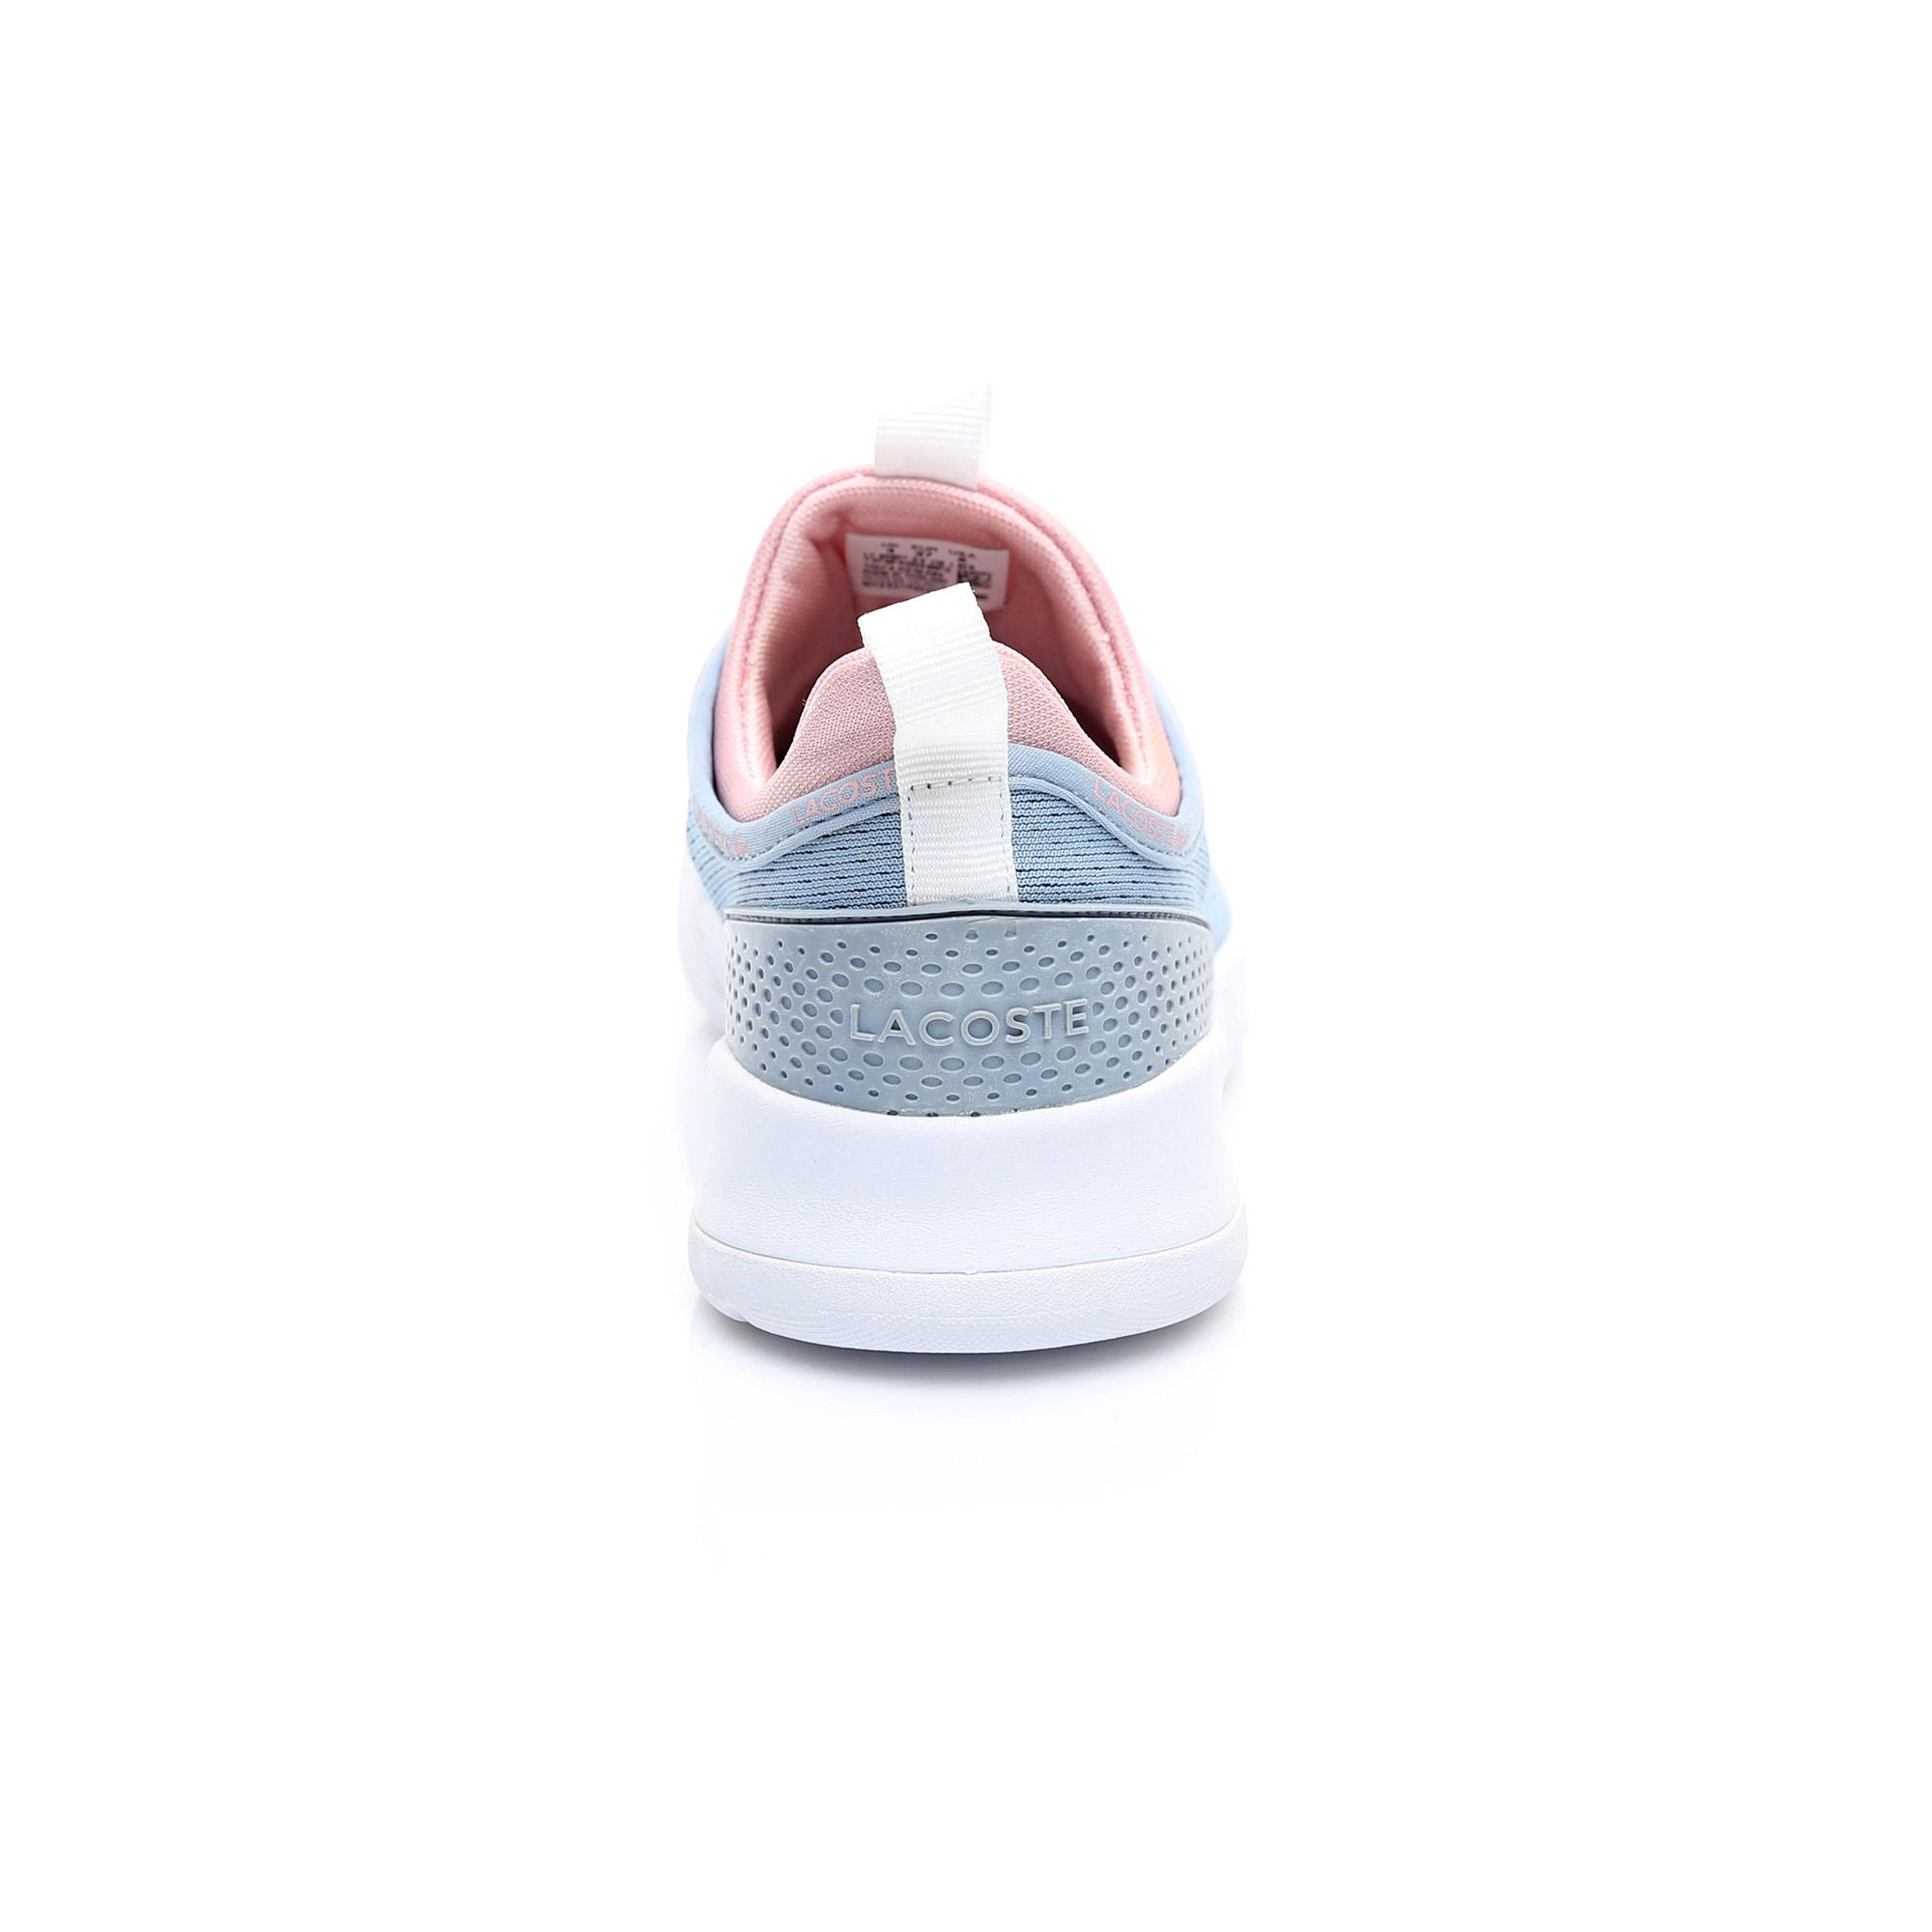 Lacoste Kadın Açık Mavi - Açık Pembe LT Spirit 2.0 119 1 Spor Ayakkabı